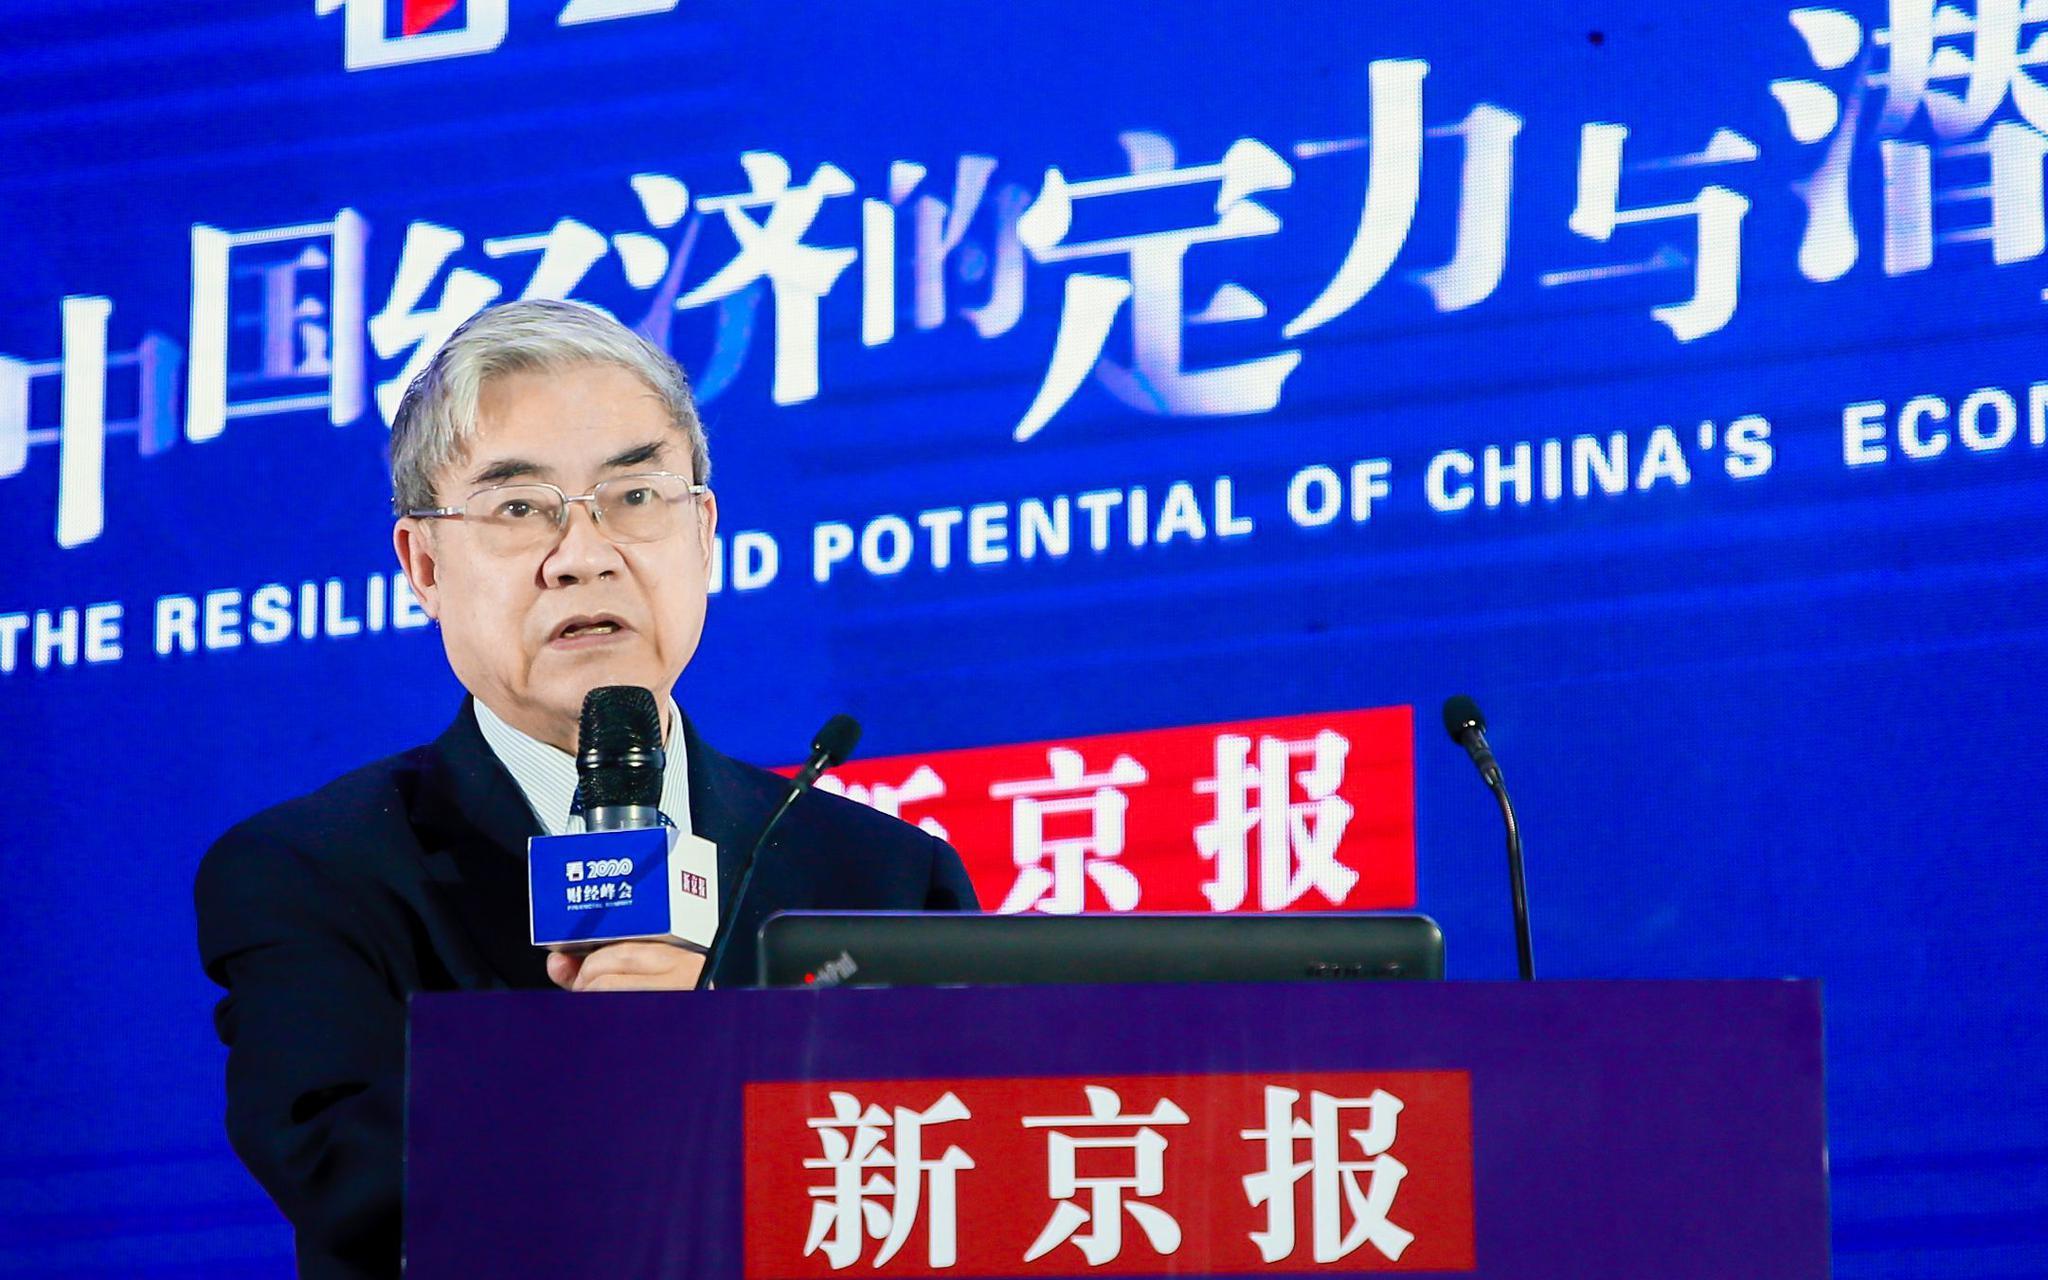 邬贺铨谈5G:中国将成为5G技术的